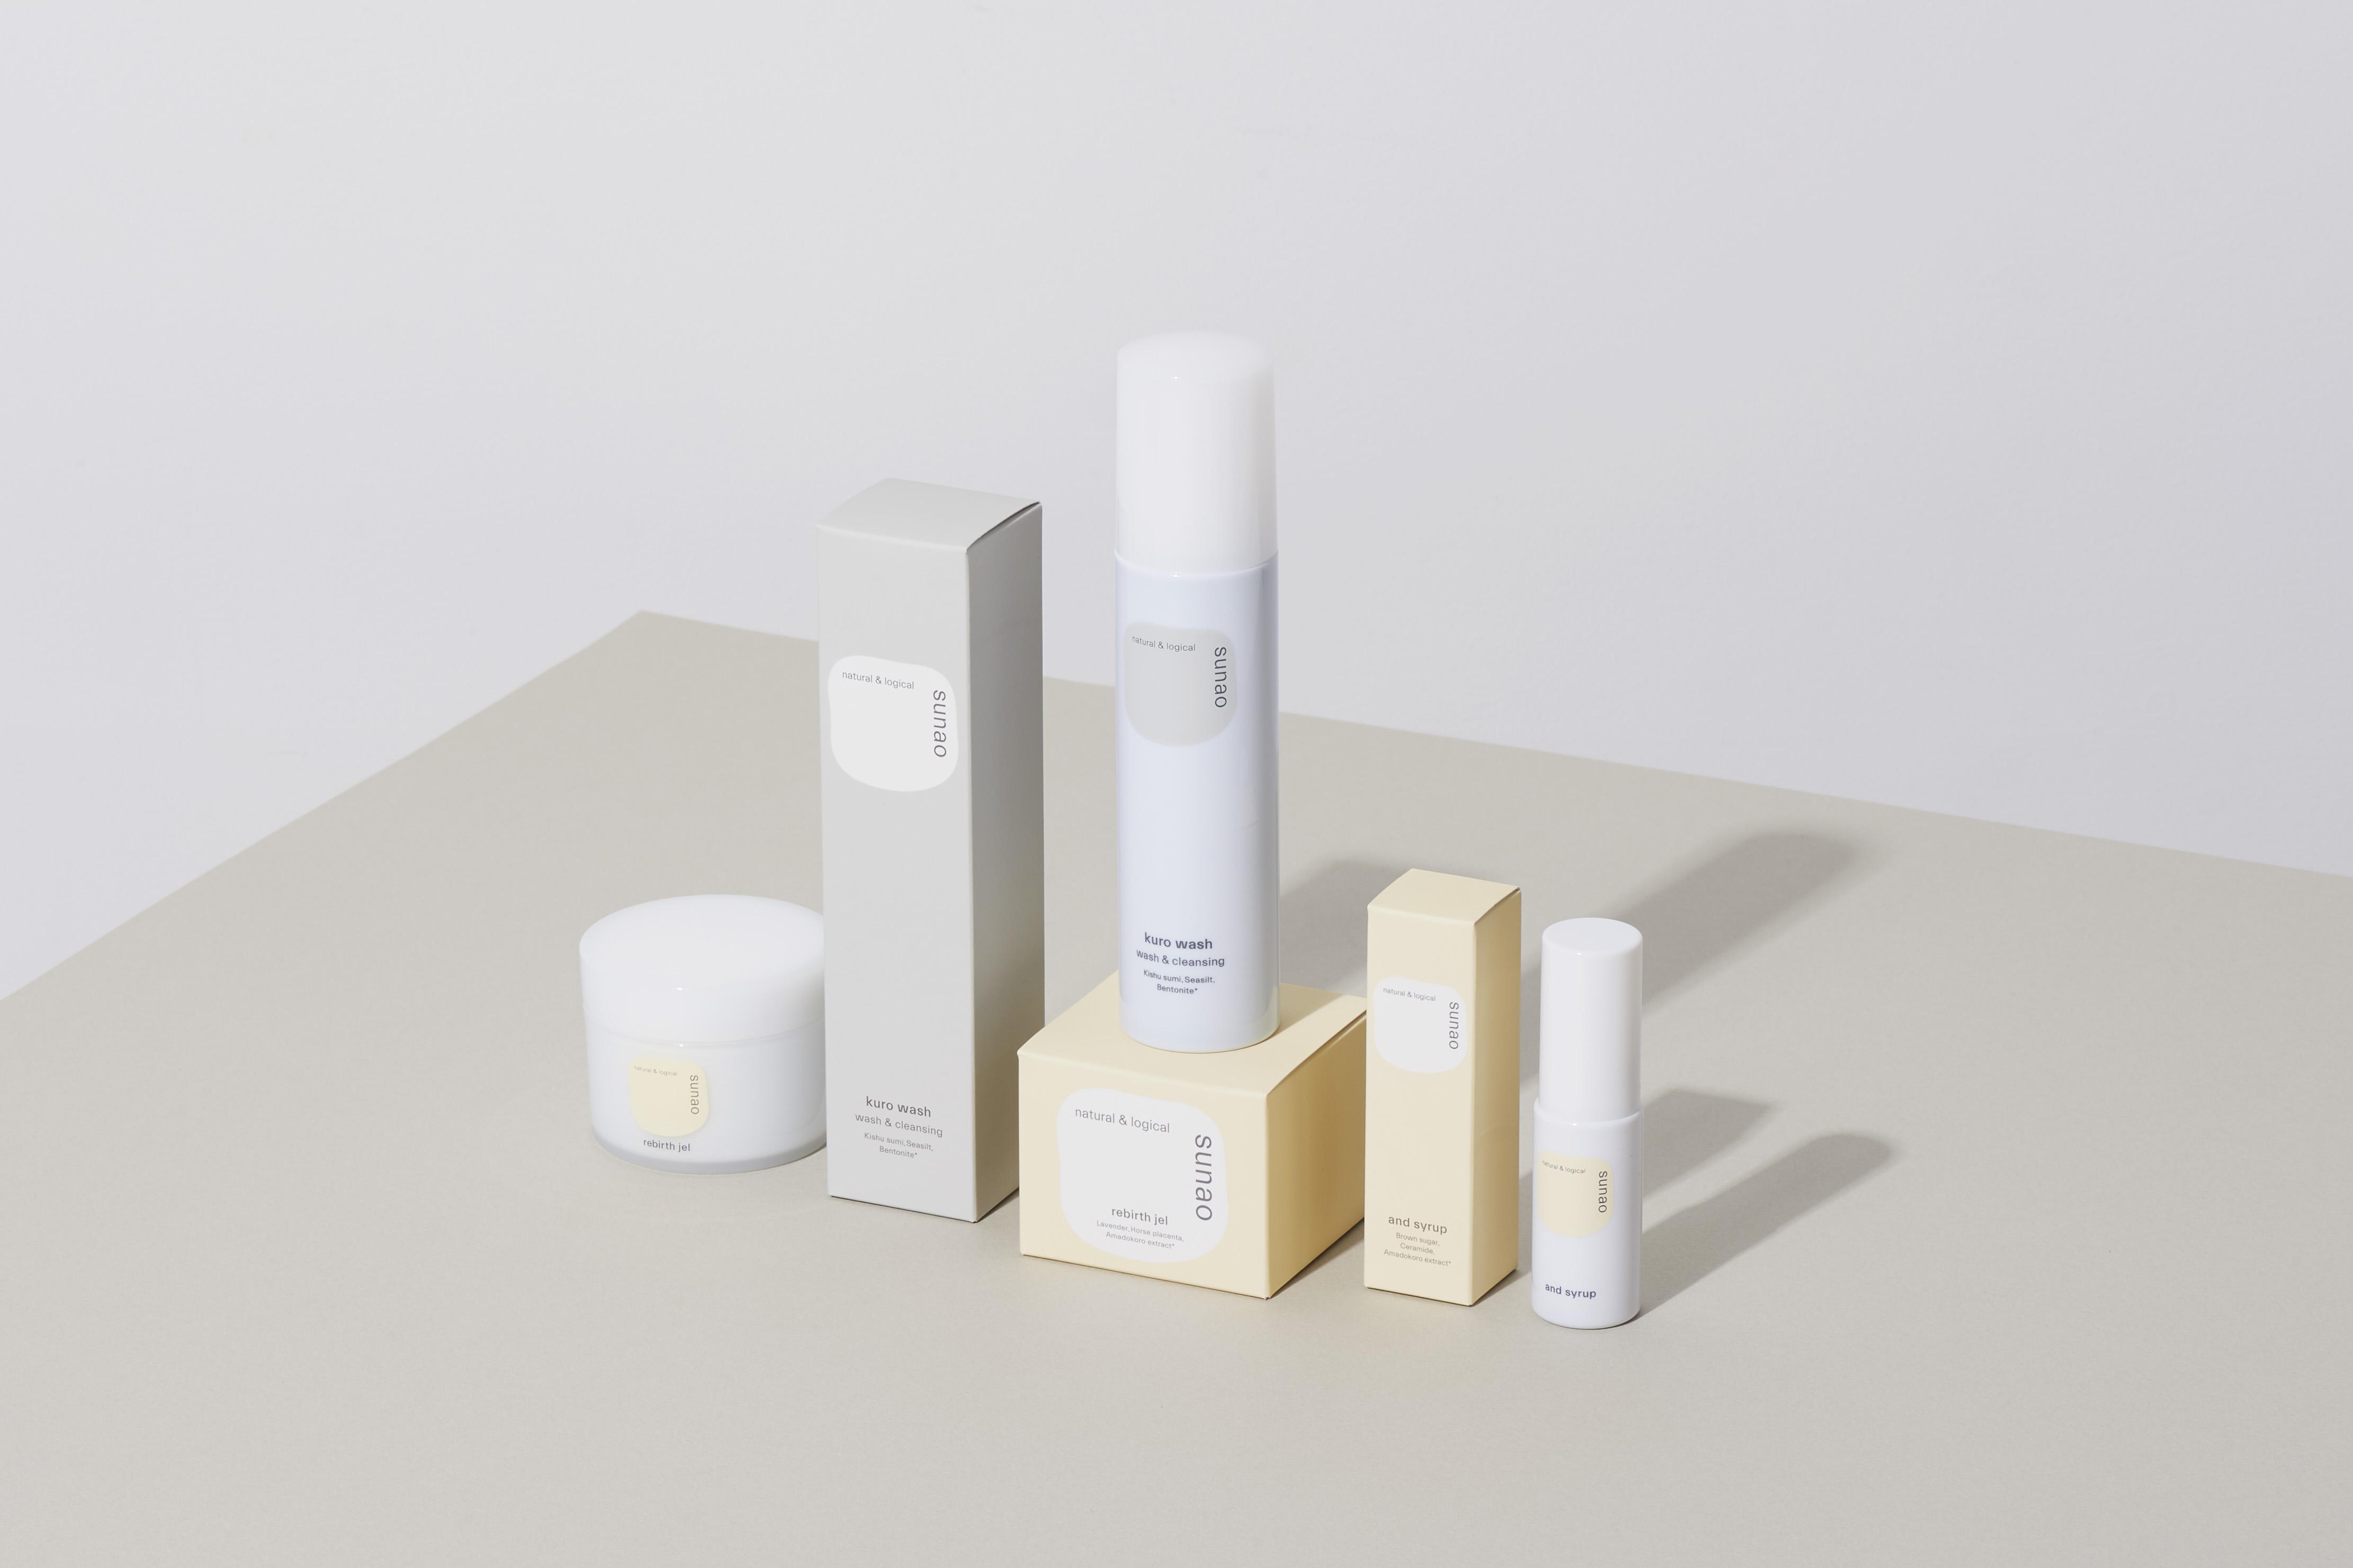 「sunao」のブランドロゴ&パッケージがリニューアルしました